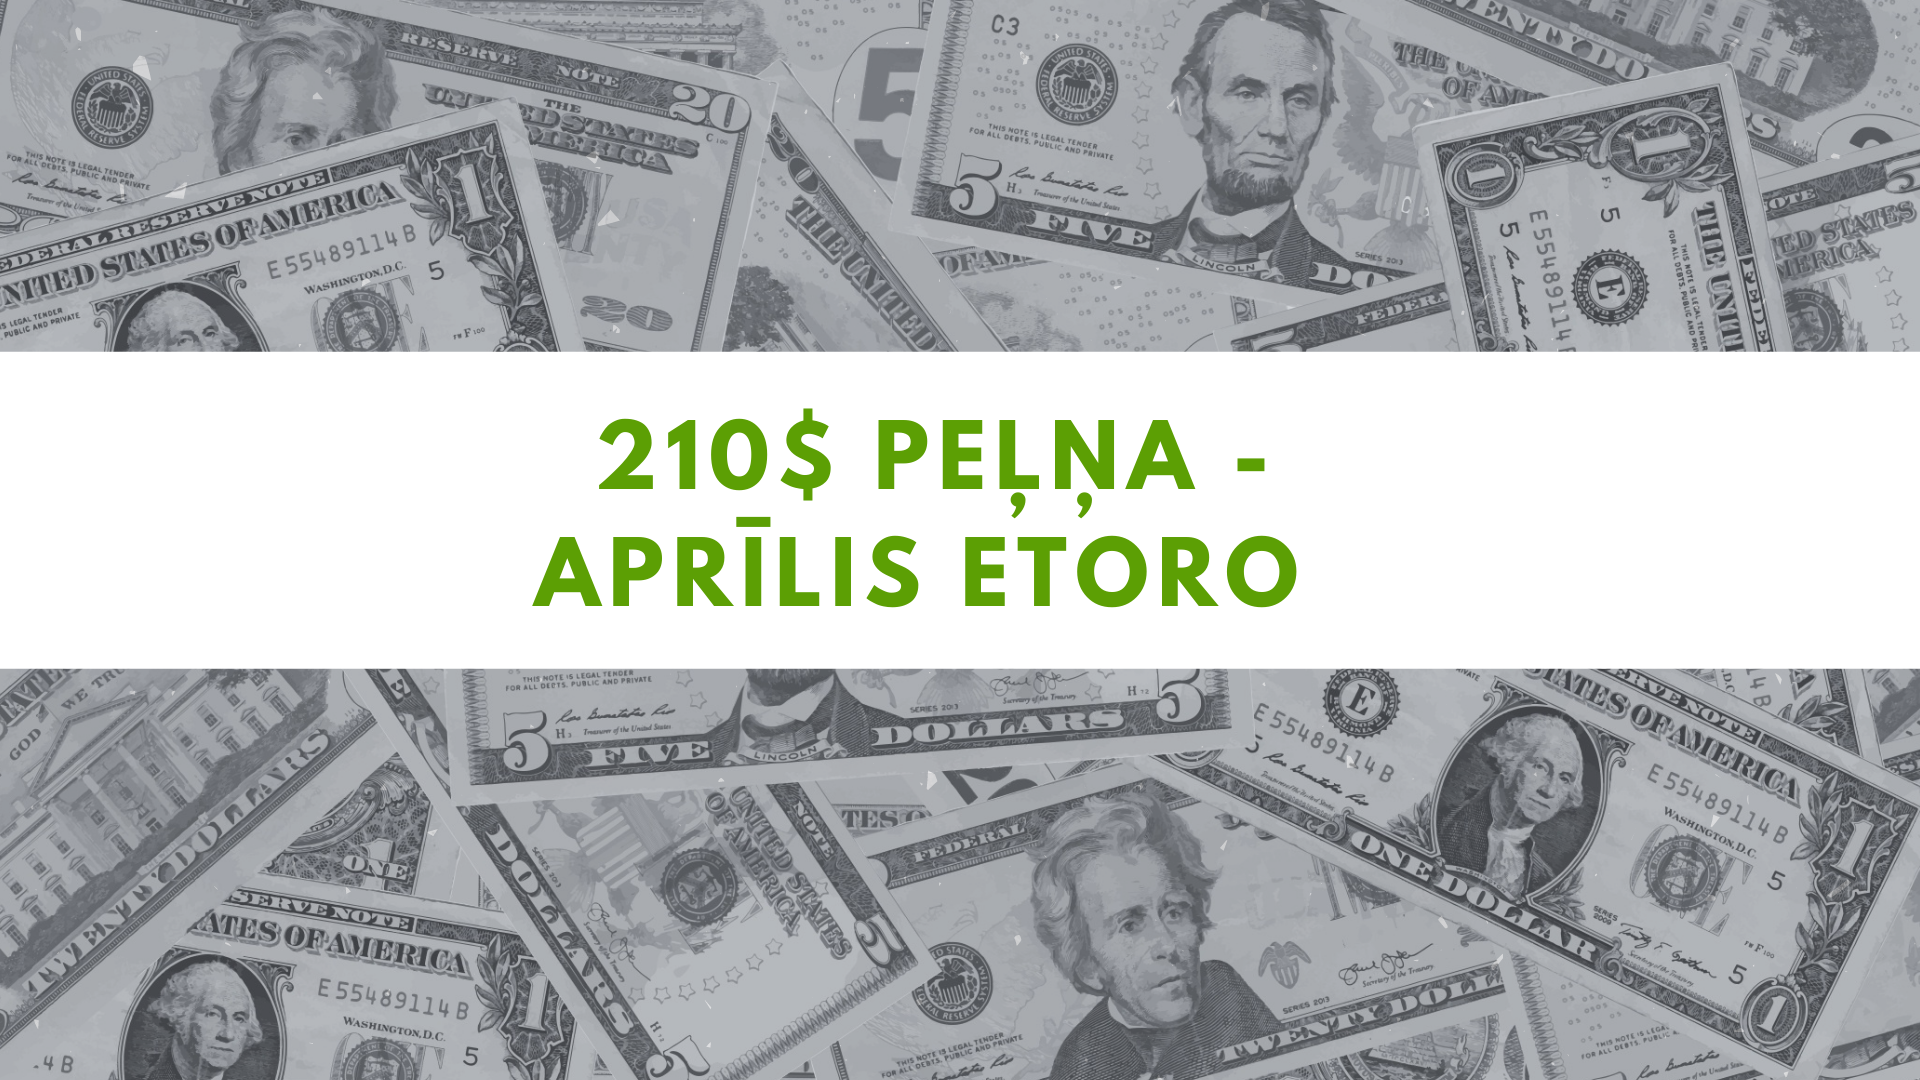 210.45$ peļņa – Aprīlis eToro tirdzniecības platformā